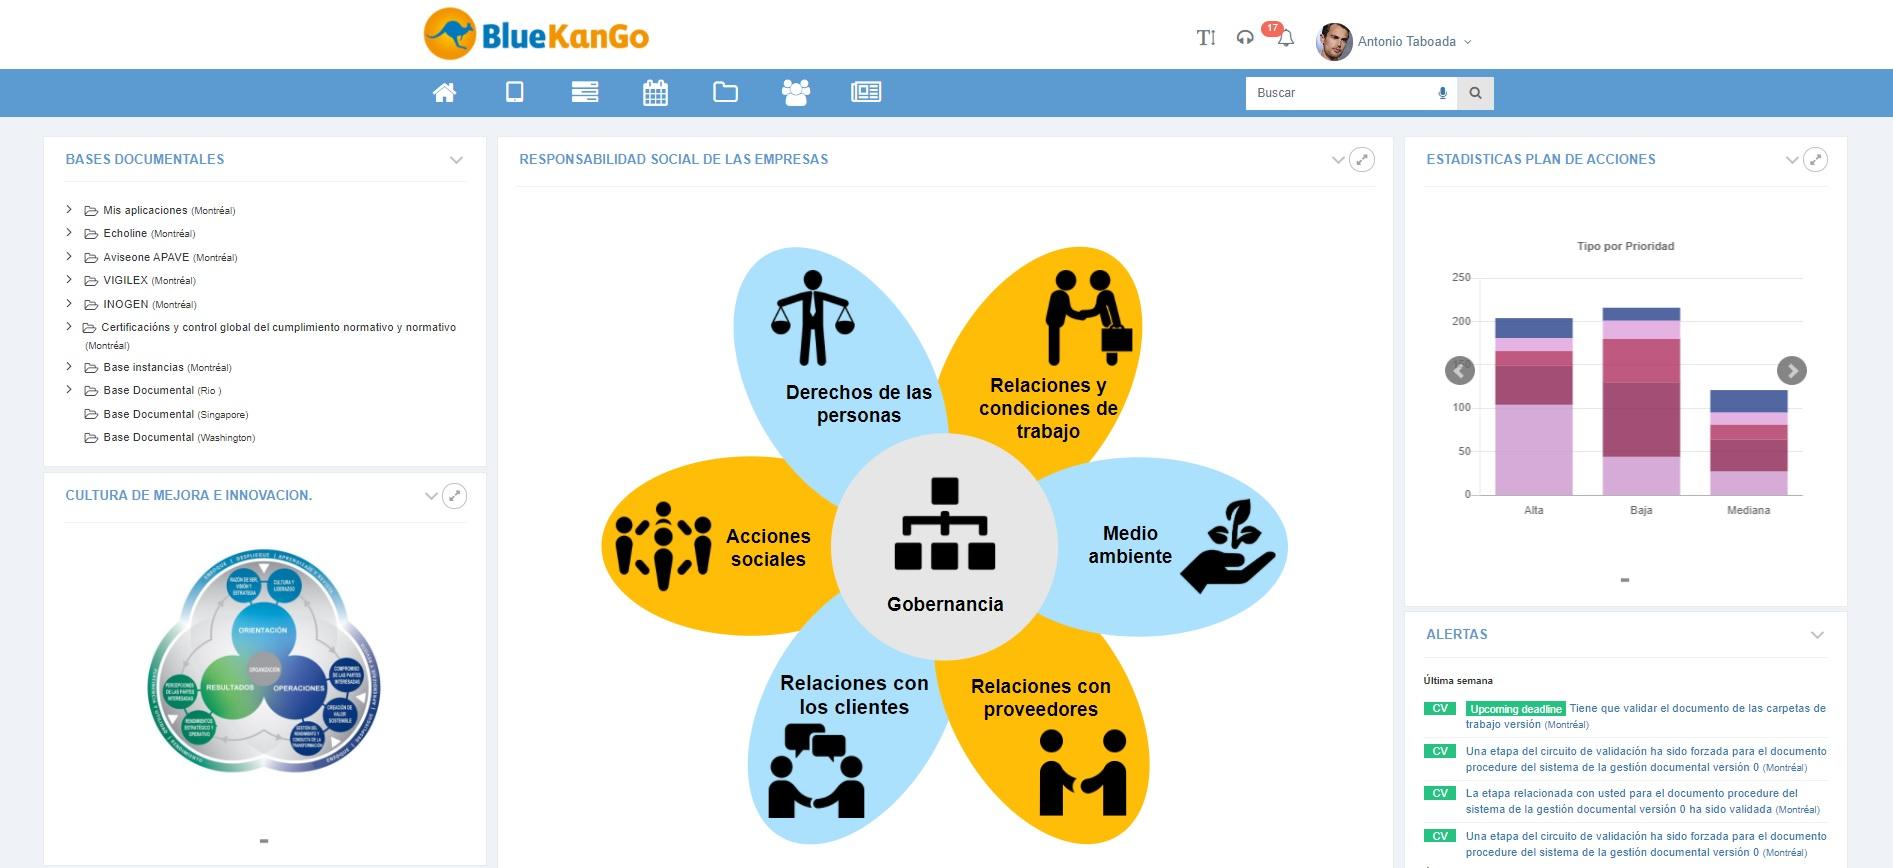 Cuadro de mando para gestionar el Desarrolo sostenible con BlueKanGo